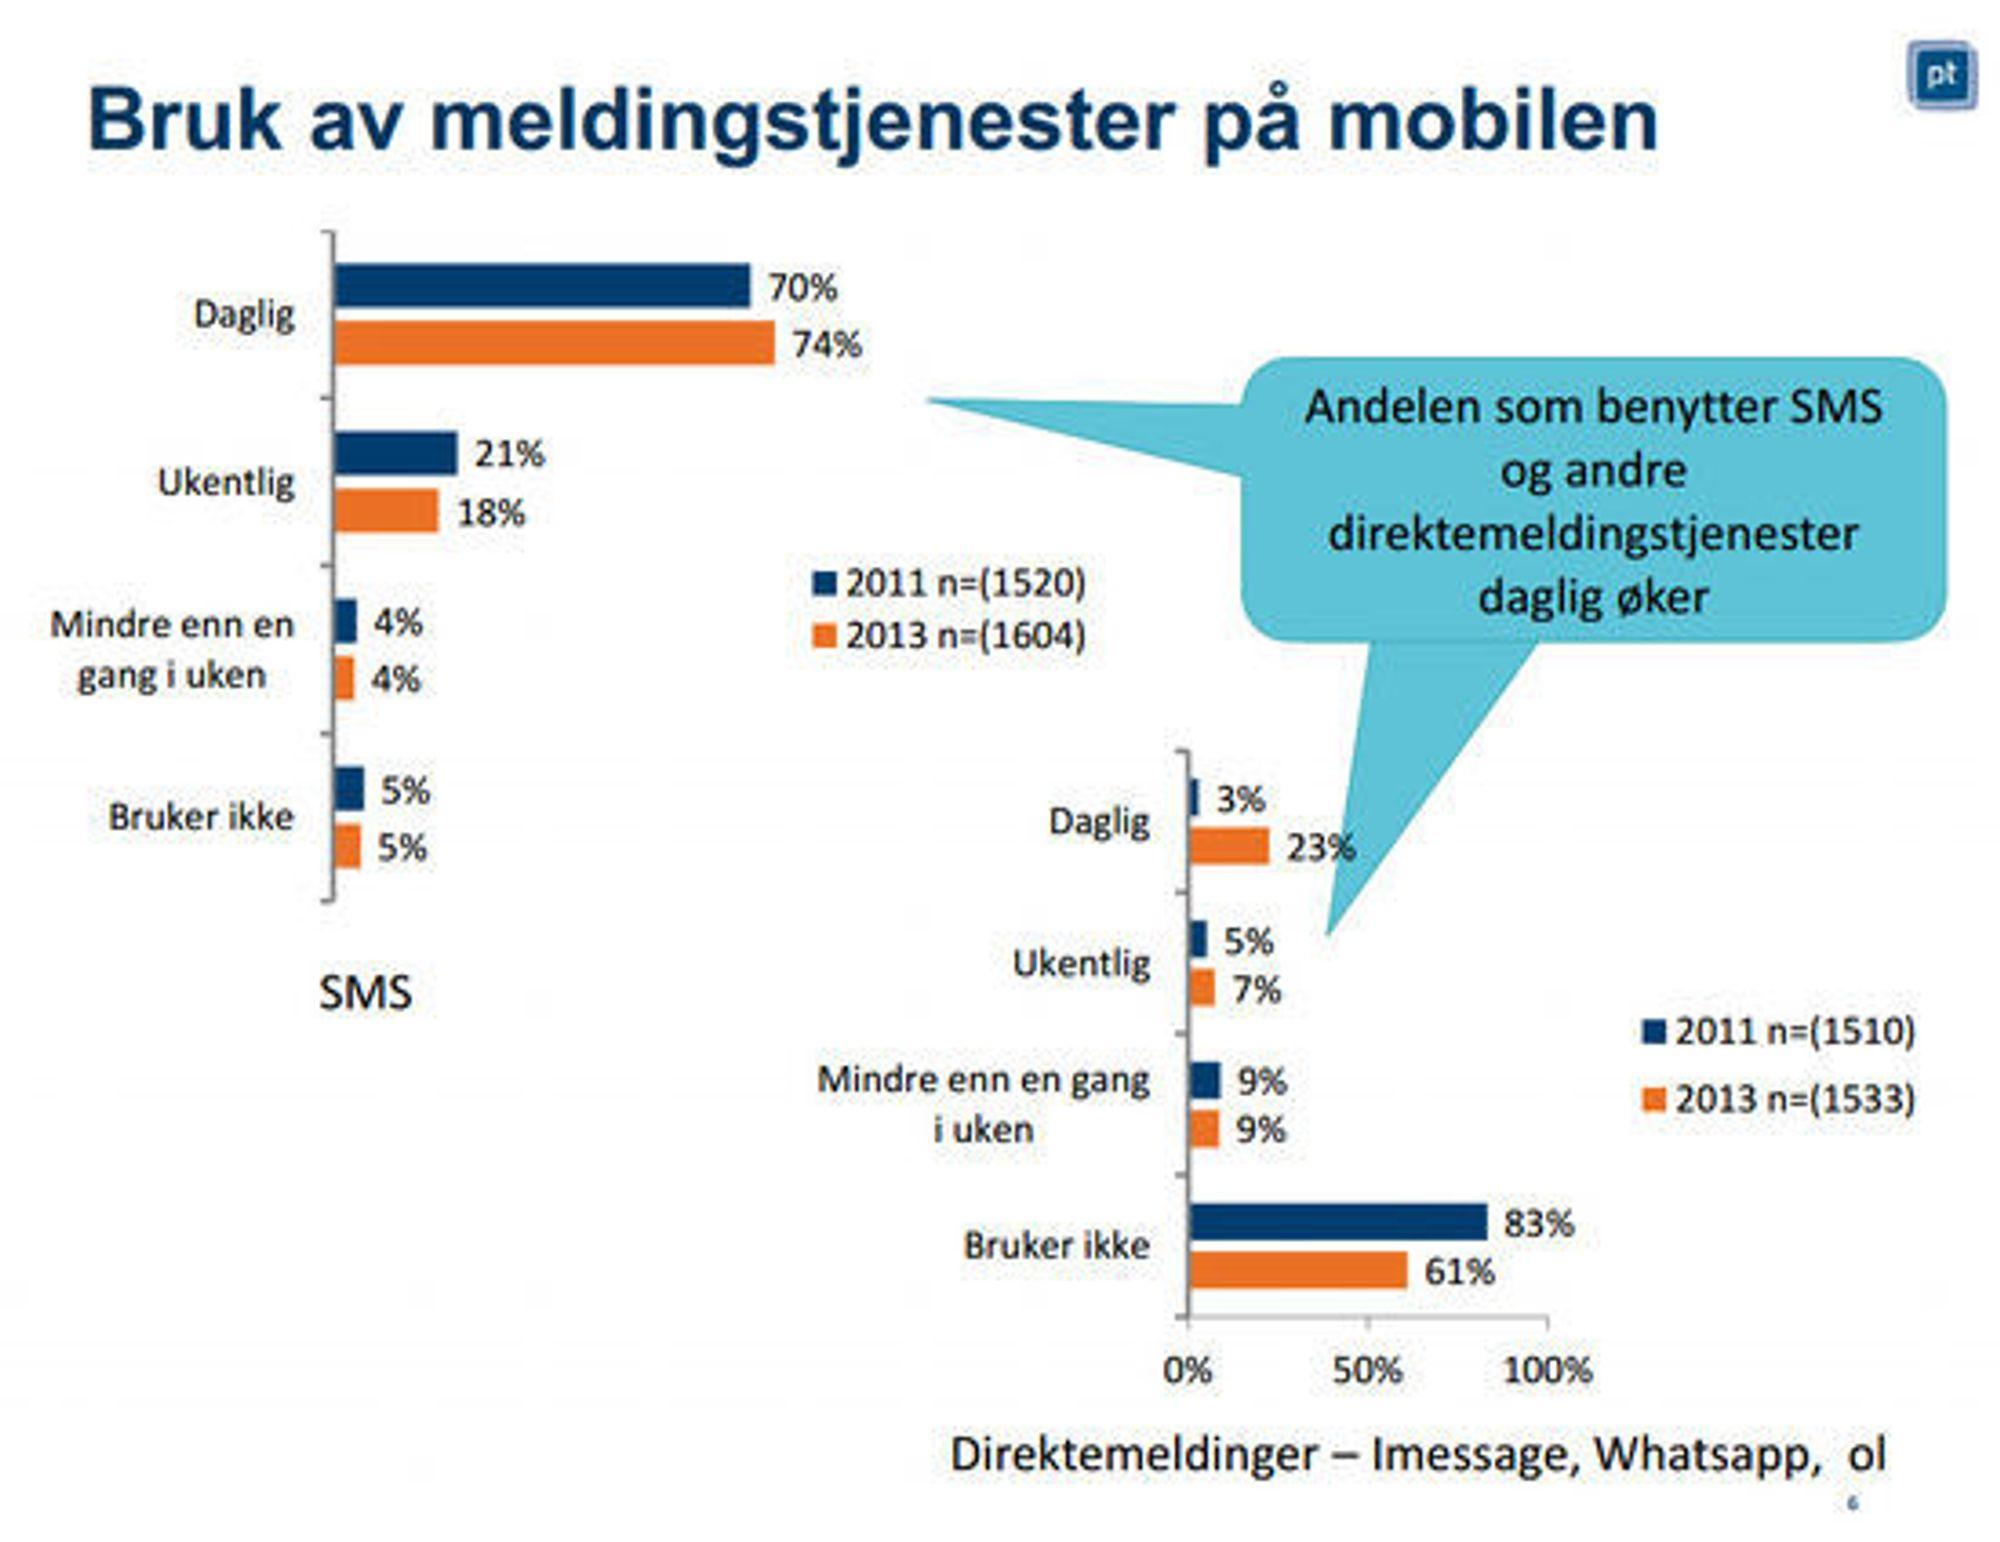 Bruk av meldingstjenester på mobilen i Norge 2013.